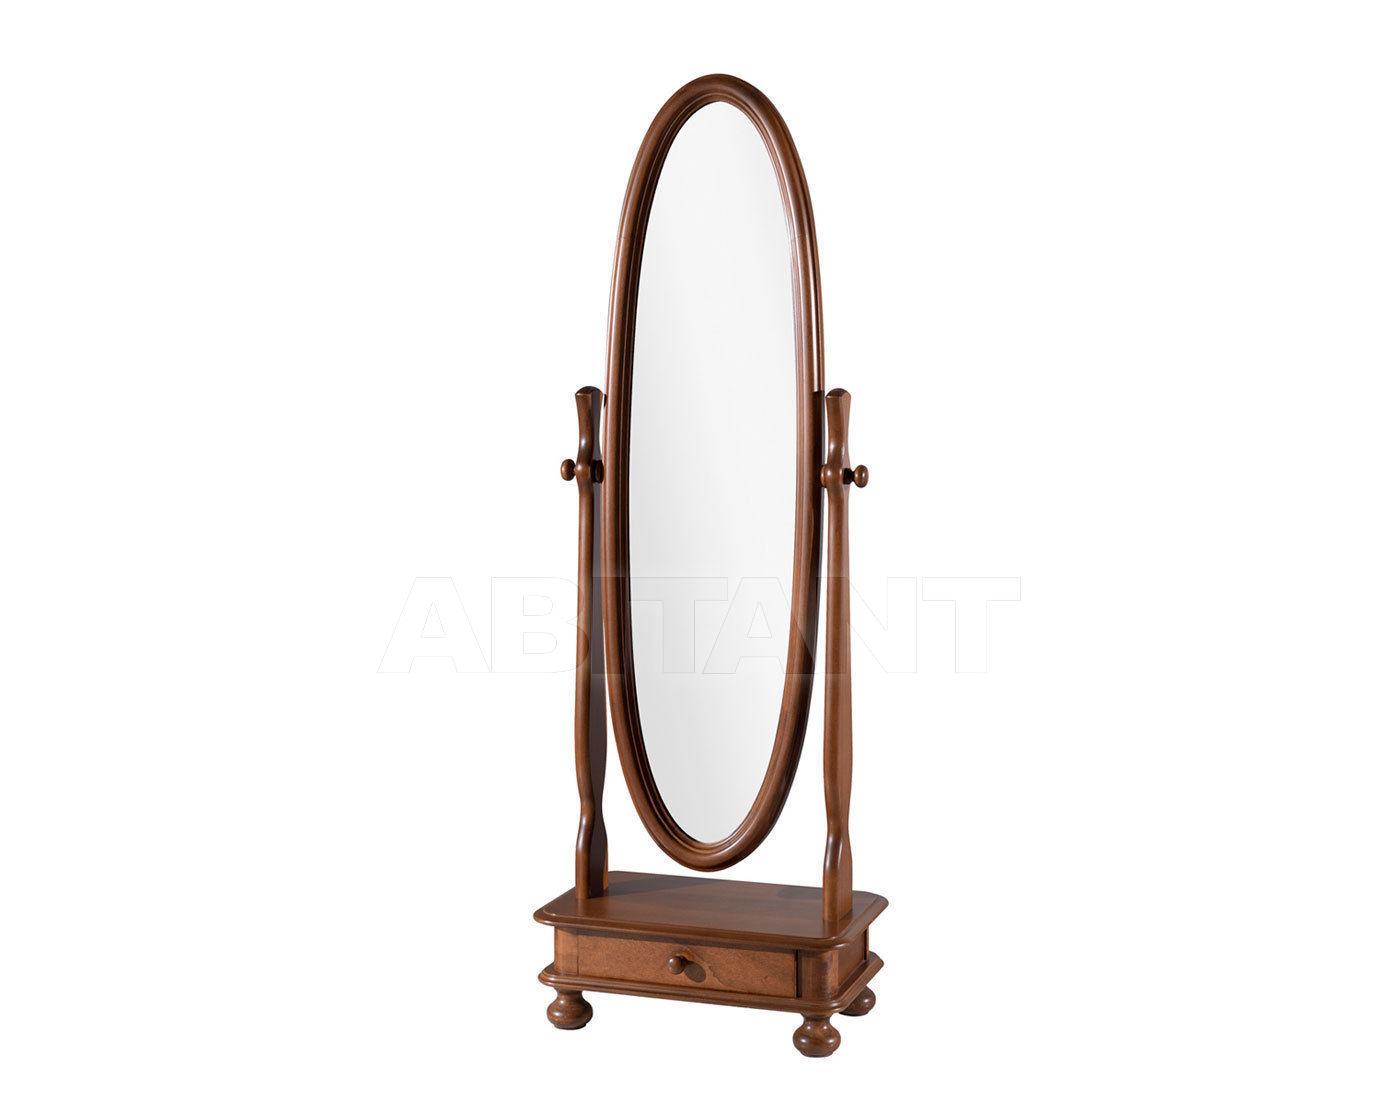 Купить Зеркало напольное Italexport GIOCHI DI LUCE 8.2460-L-N